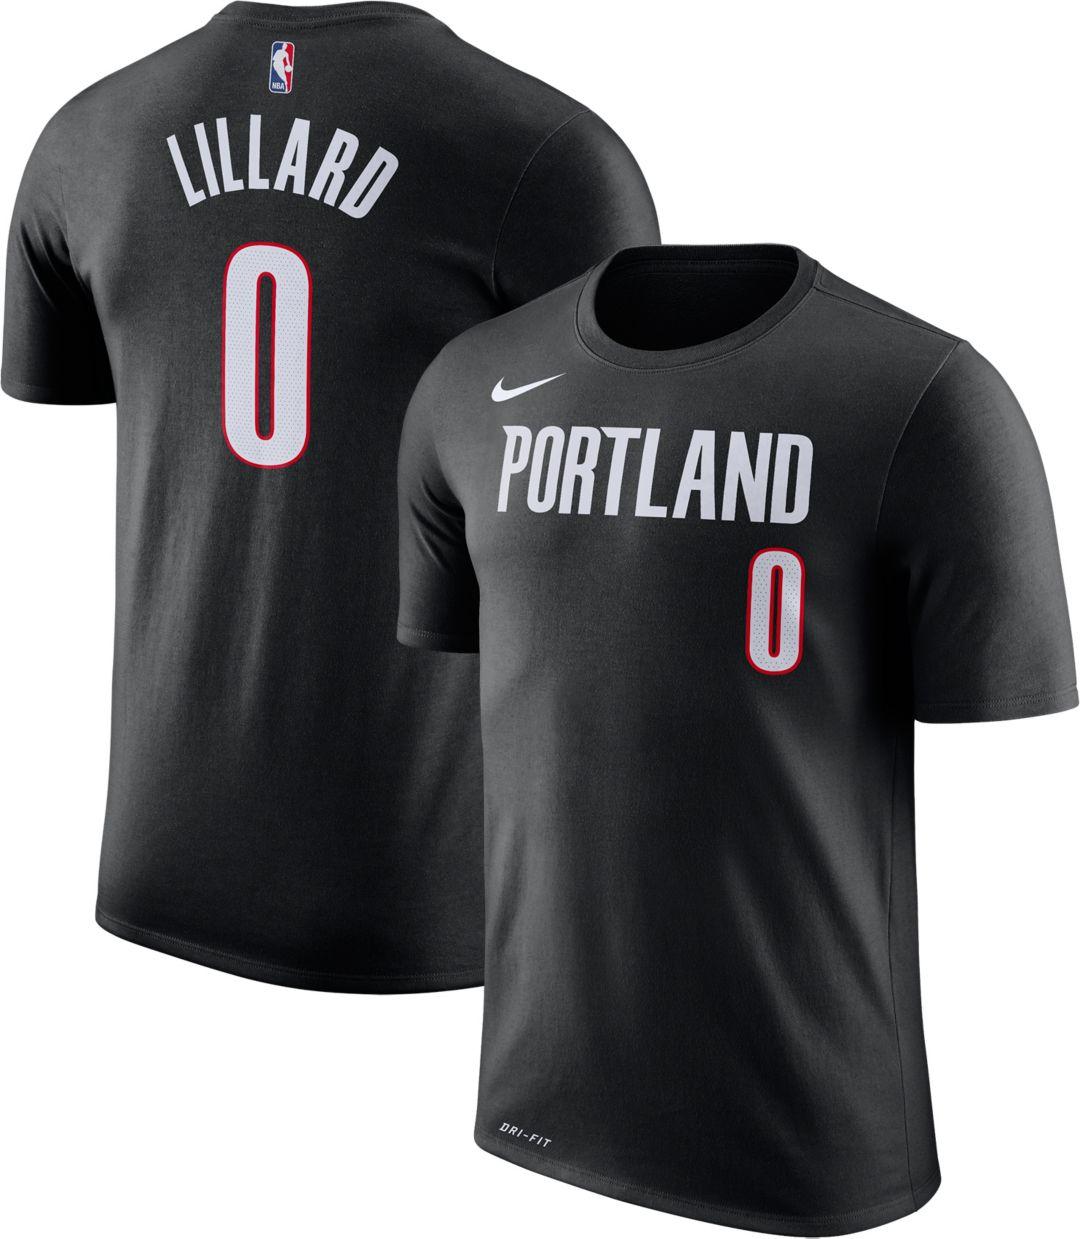 best service 8cf6b 9fff9 Nike Men's Portland Trail Blazers Damian Lillard #0 Dri-FIT Black T-Shirt